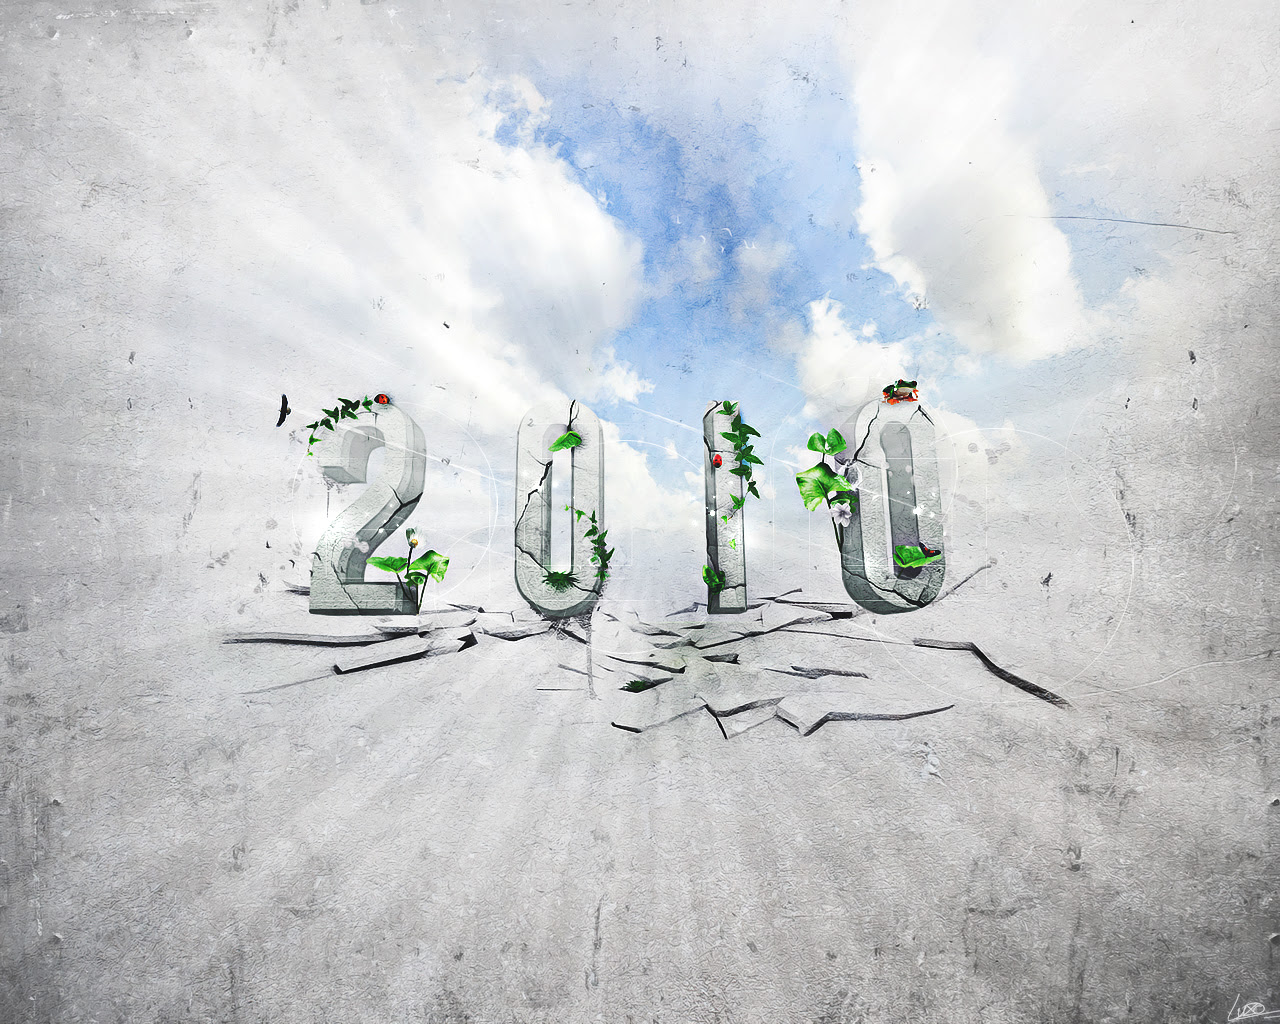 http://fc01.deviantart.net/fs50/f/2009/339/0/a/2010_by_LuXo_Art.jpg